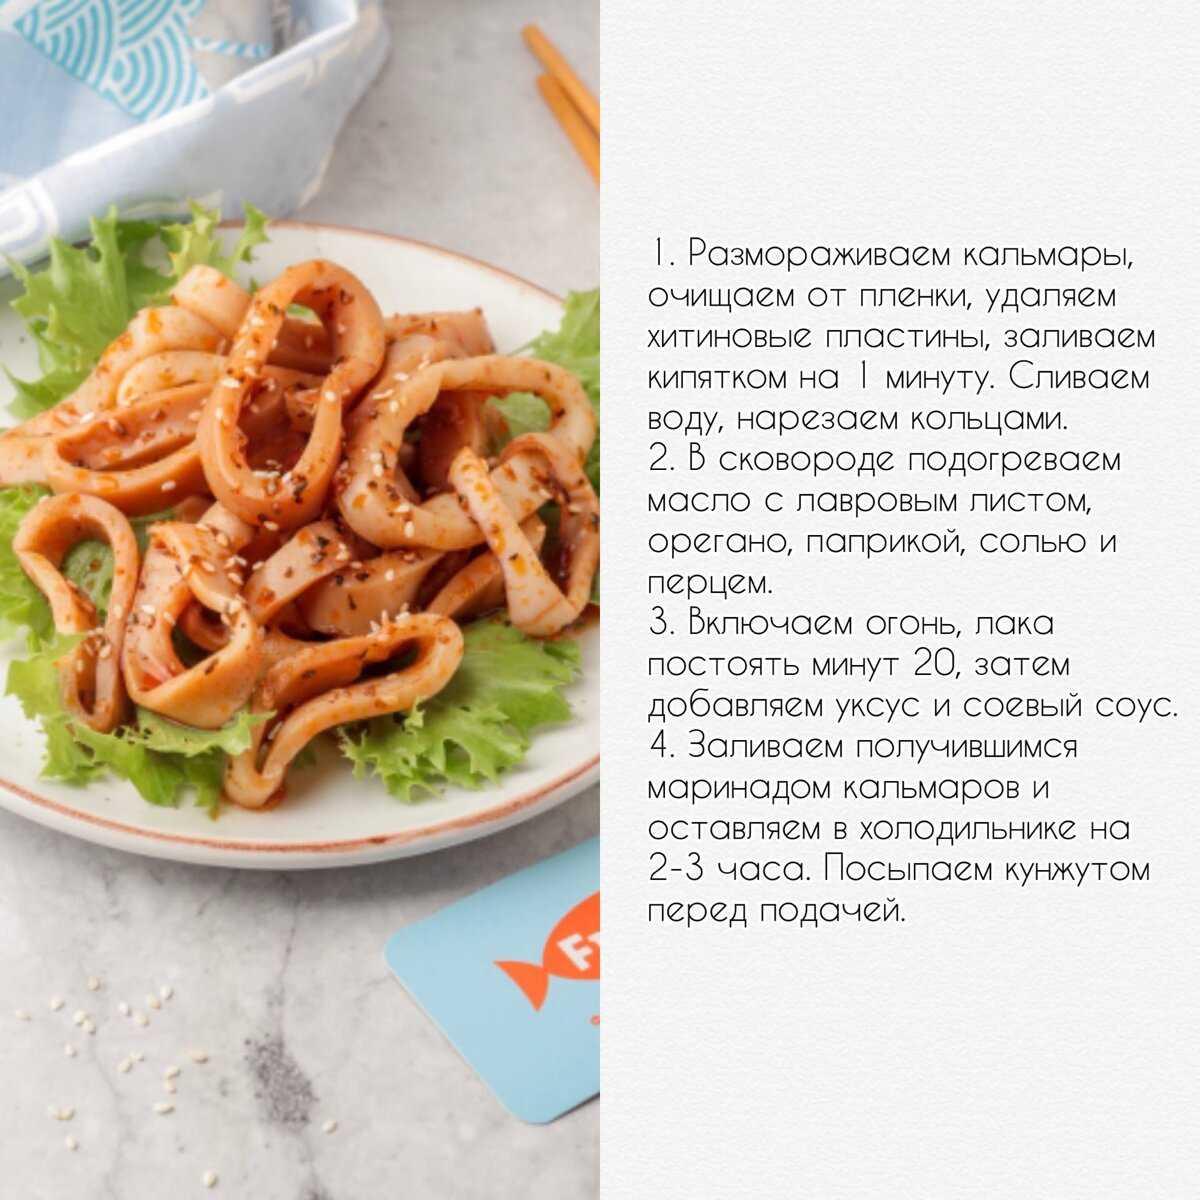 Салат с кальмарами и яблоками рецепт с фото пошагово